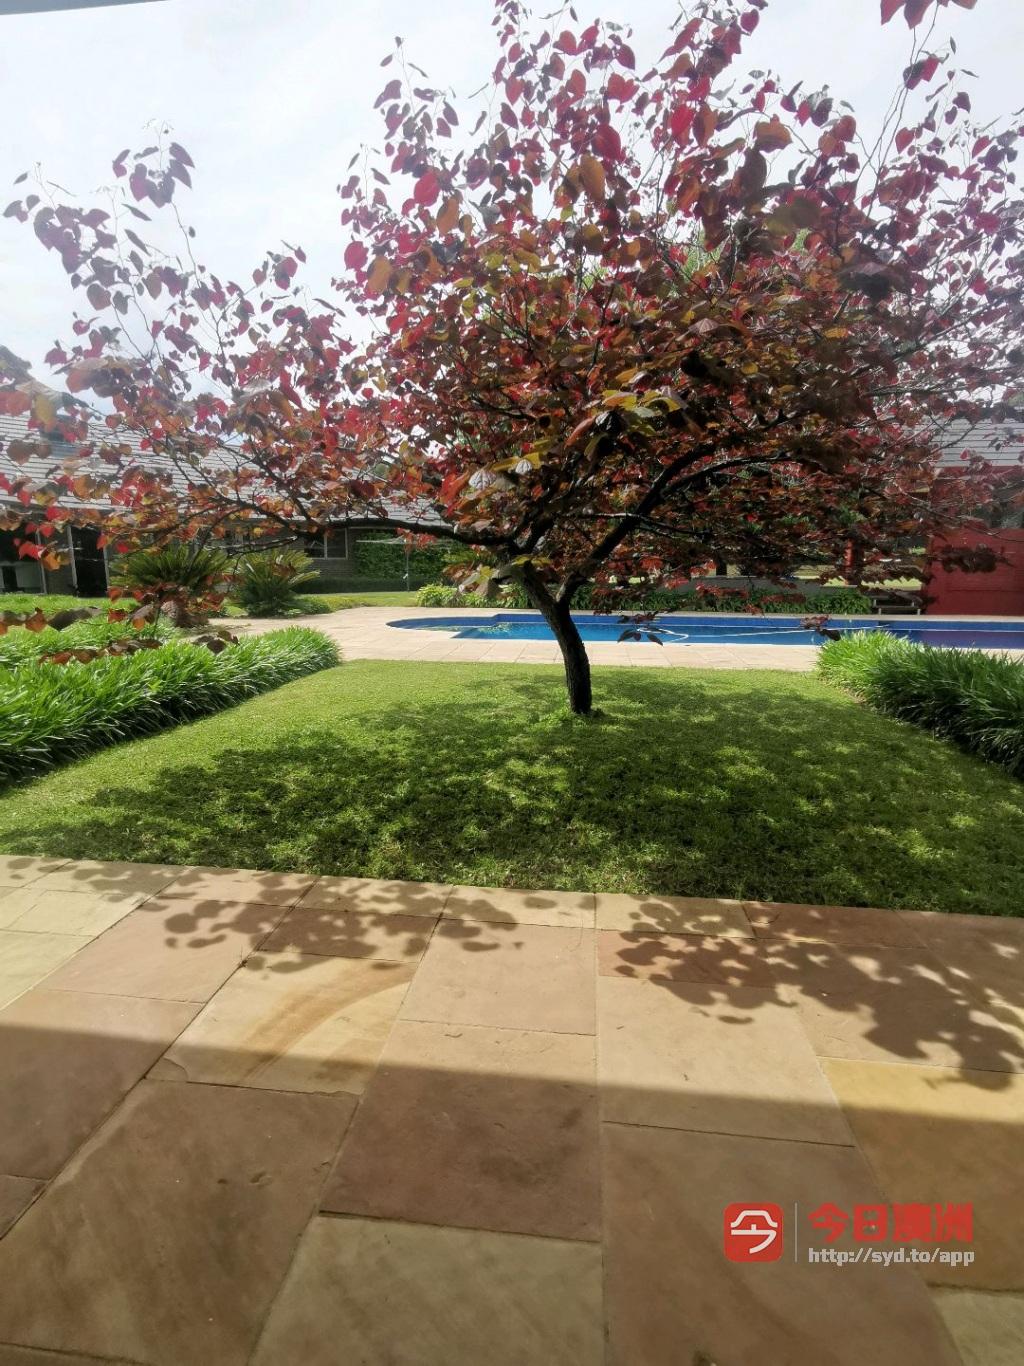 花园清理剪草坪修剪树枝地面清洗屋顶瓦片清洗花园一条龙服务